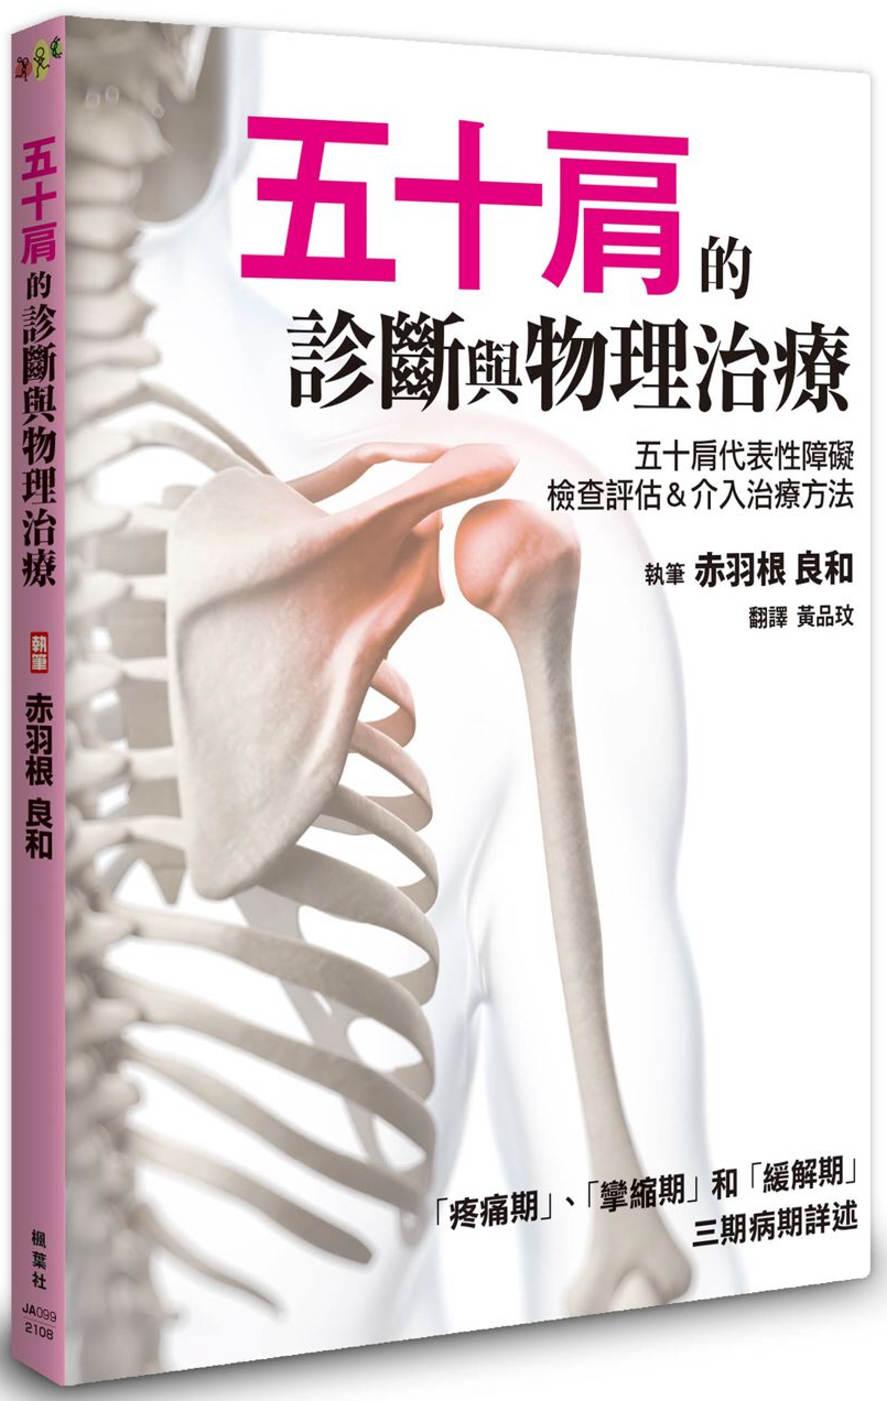 五十肩的診斷與物理治療